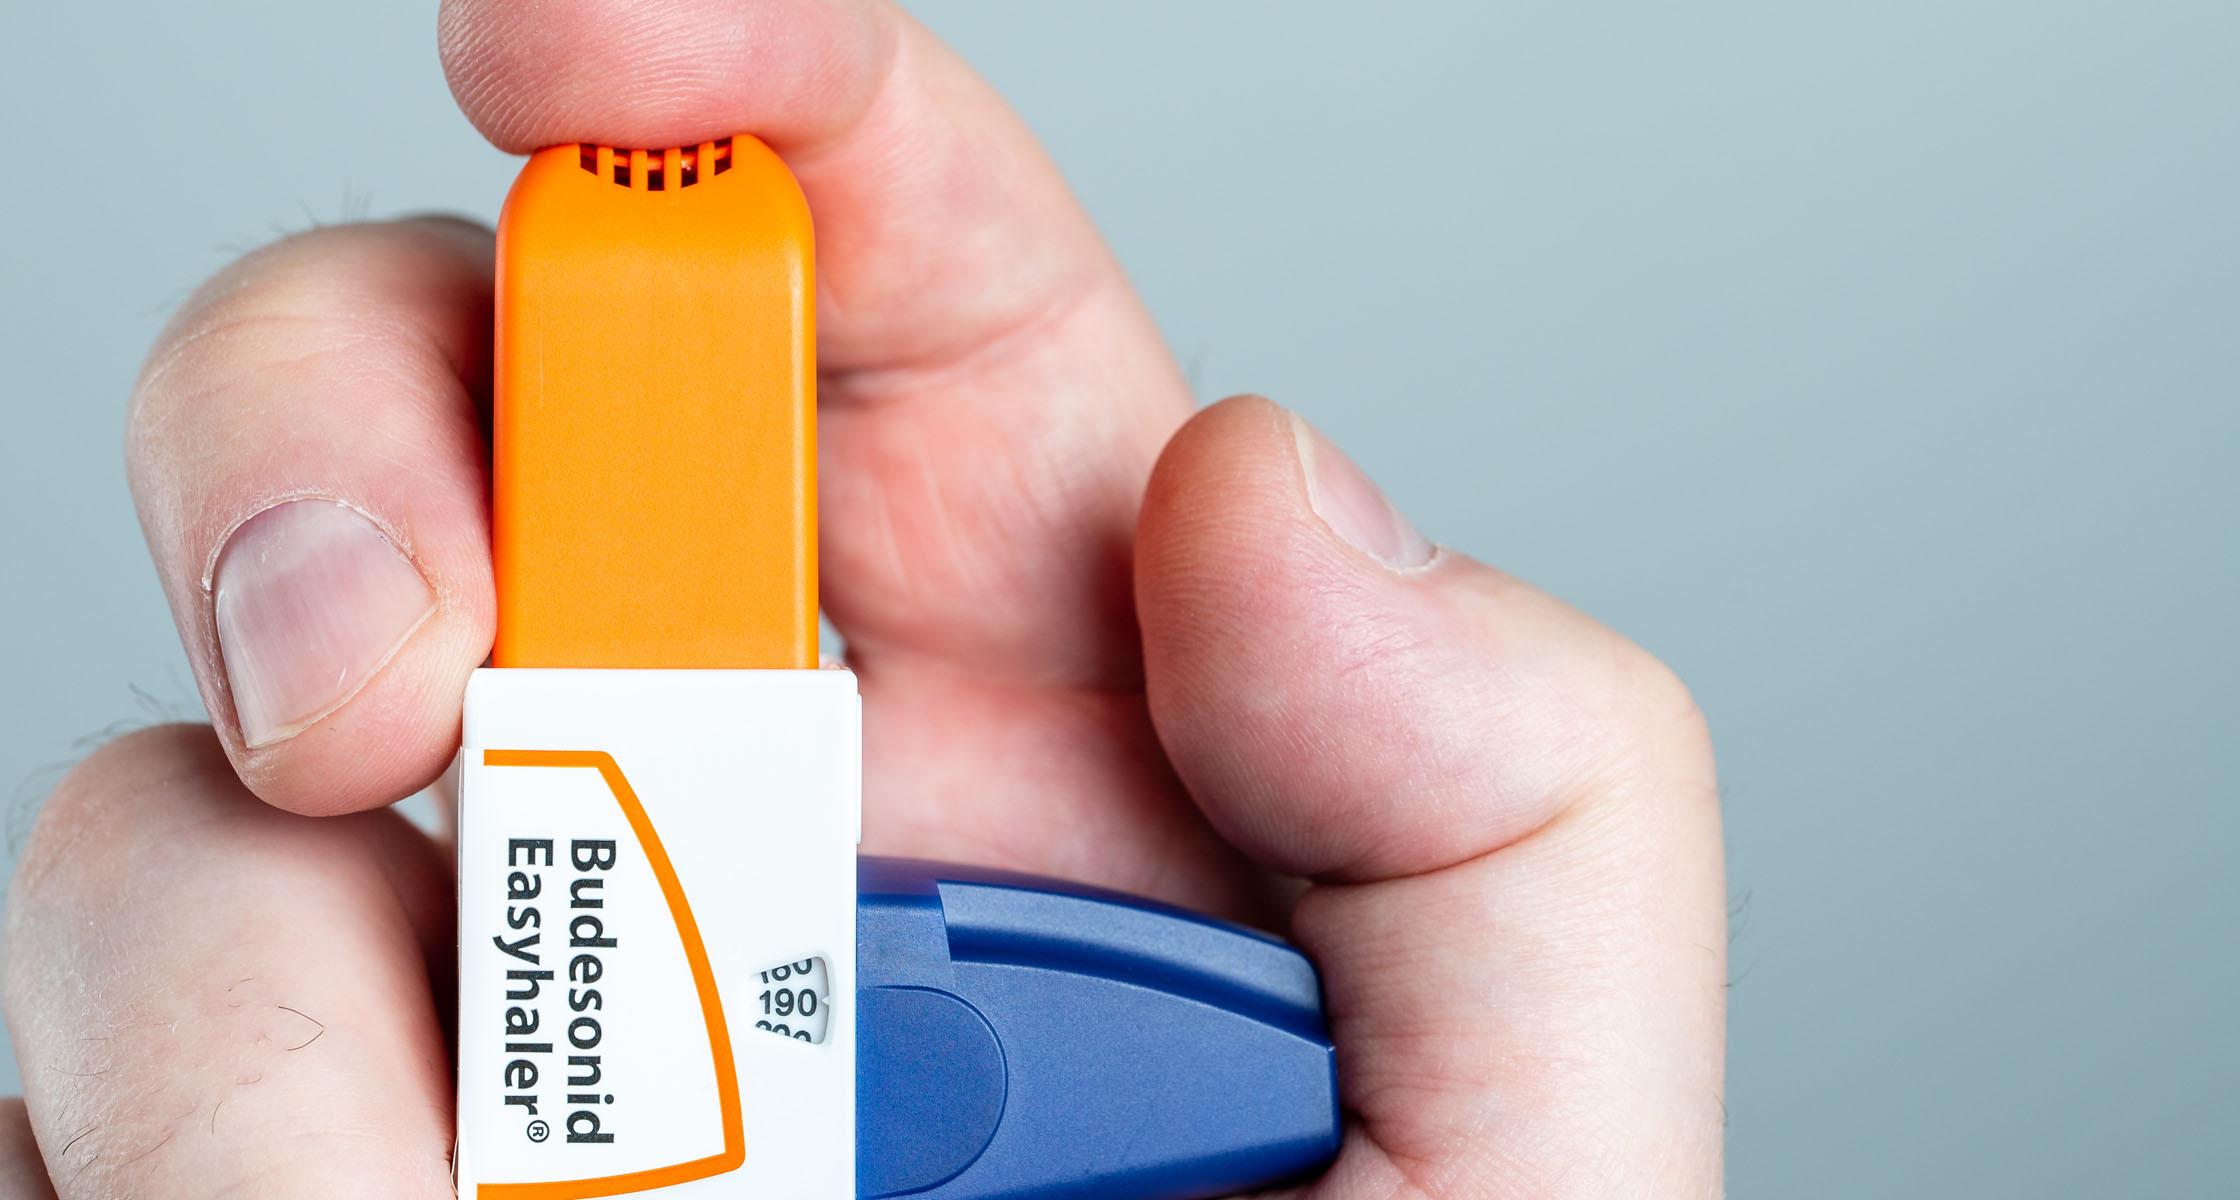 budesonide asthma steroid